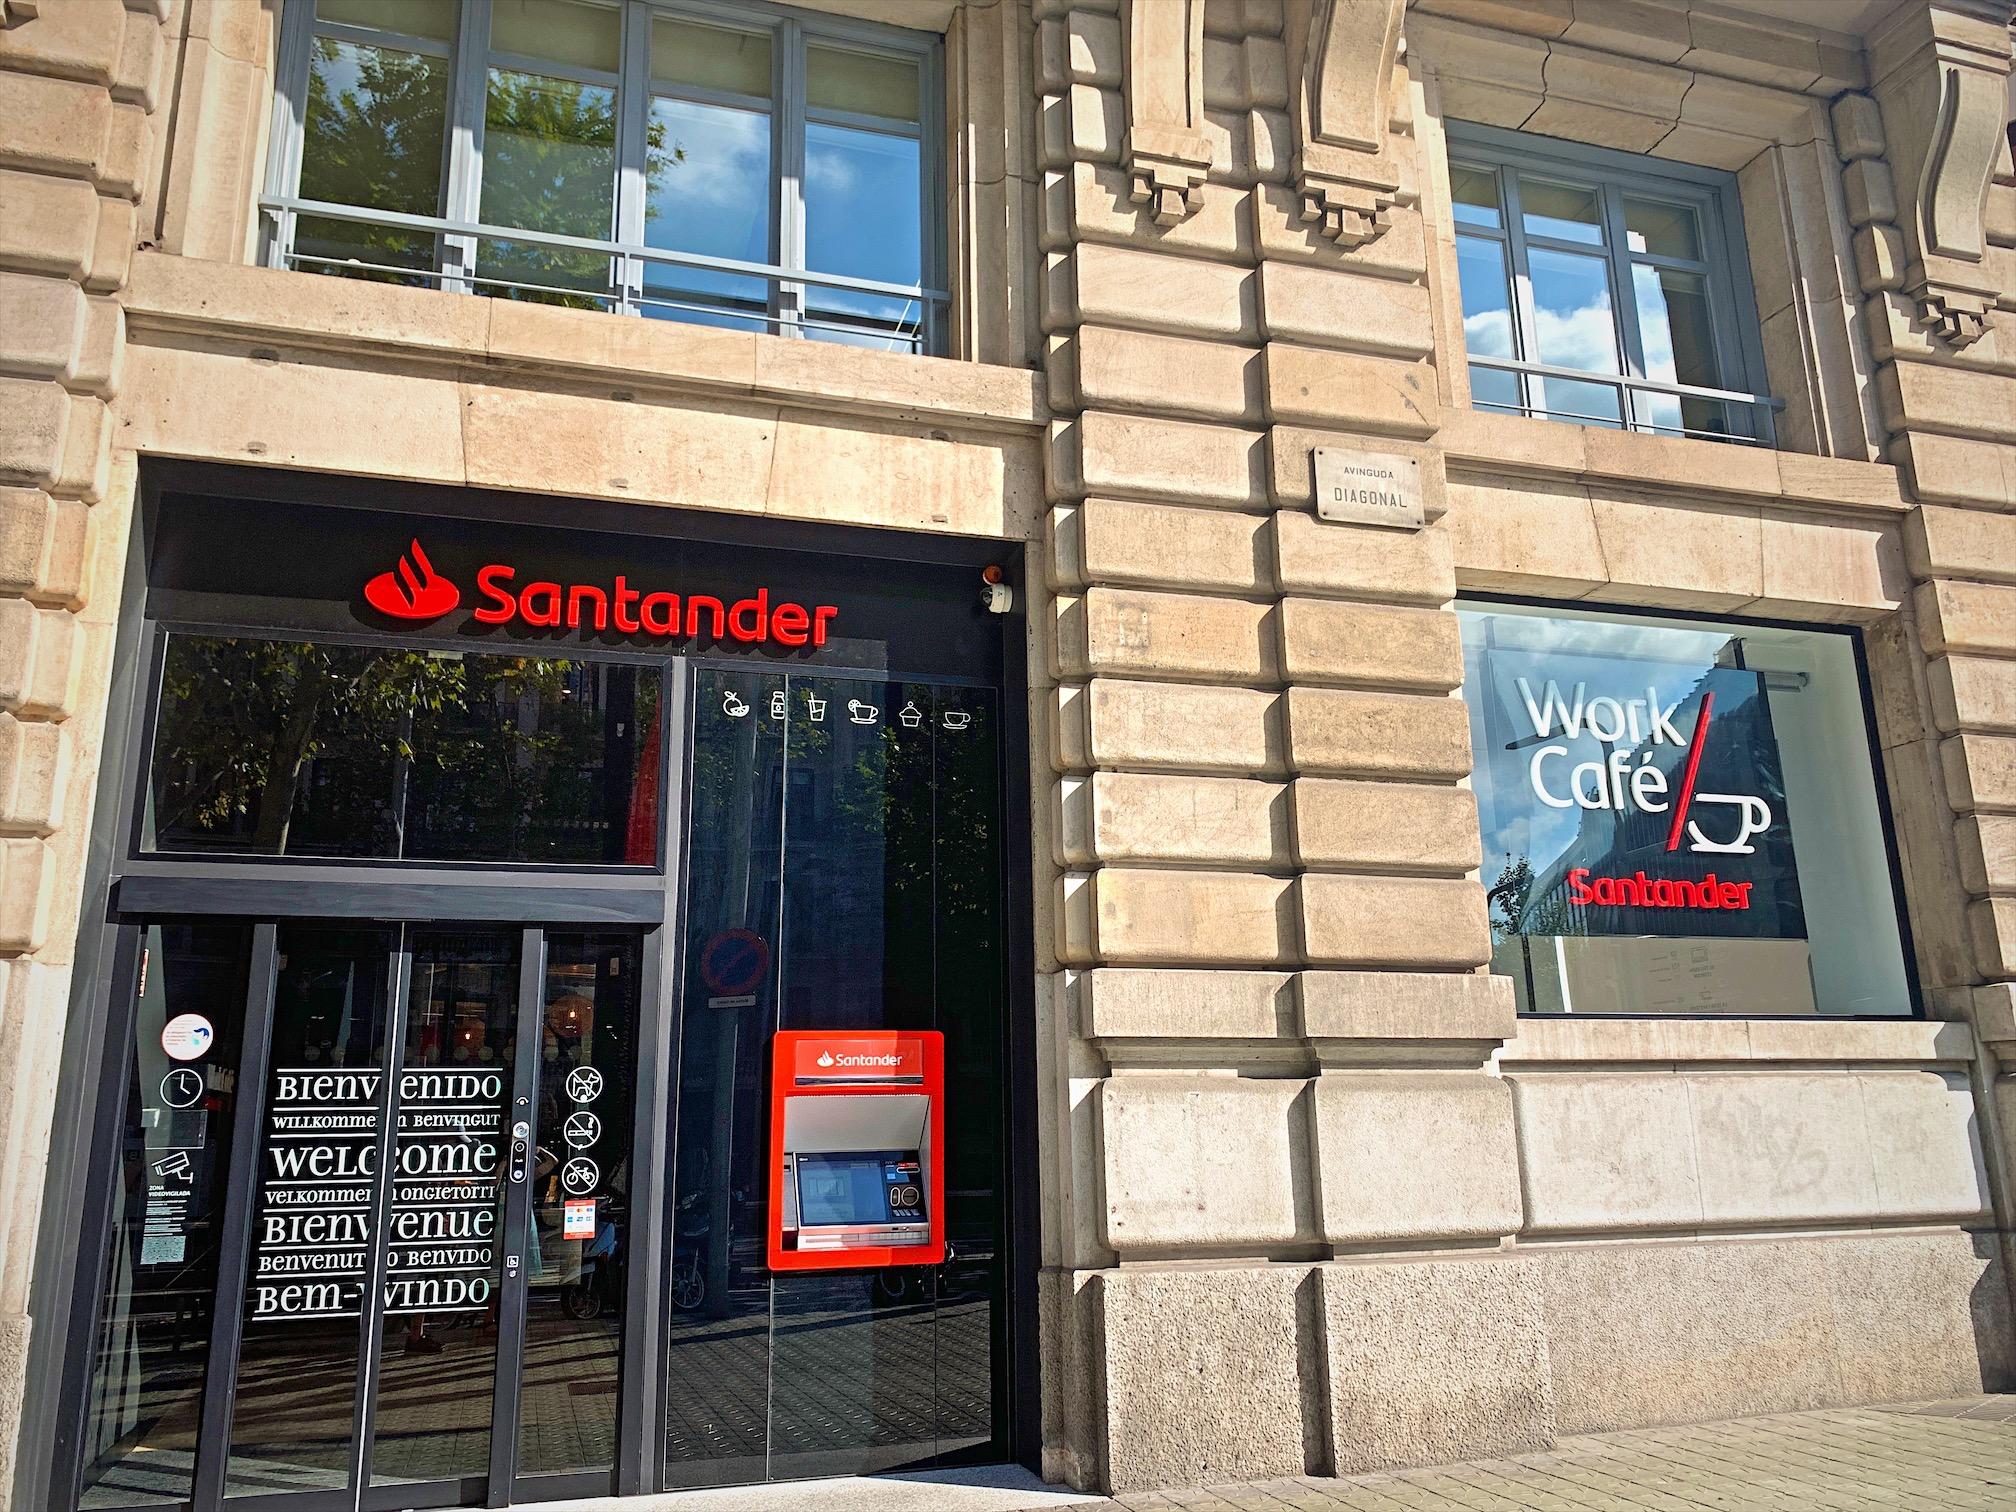 スペイン、バルセロナで銀行開設「Santander」